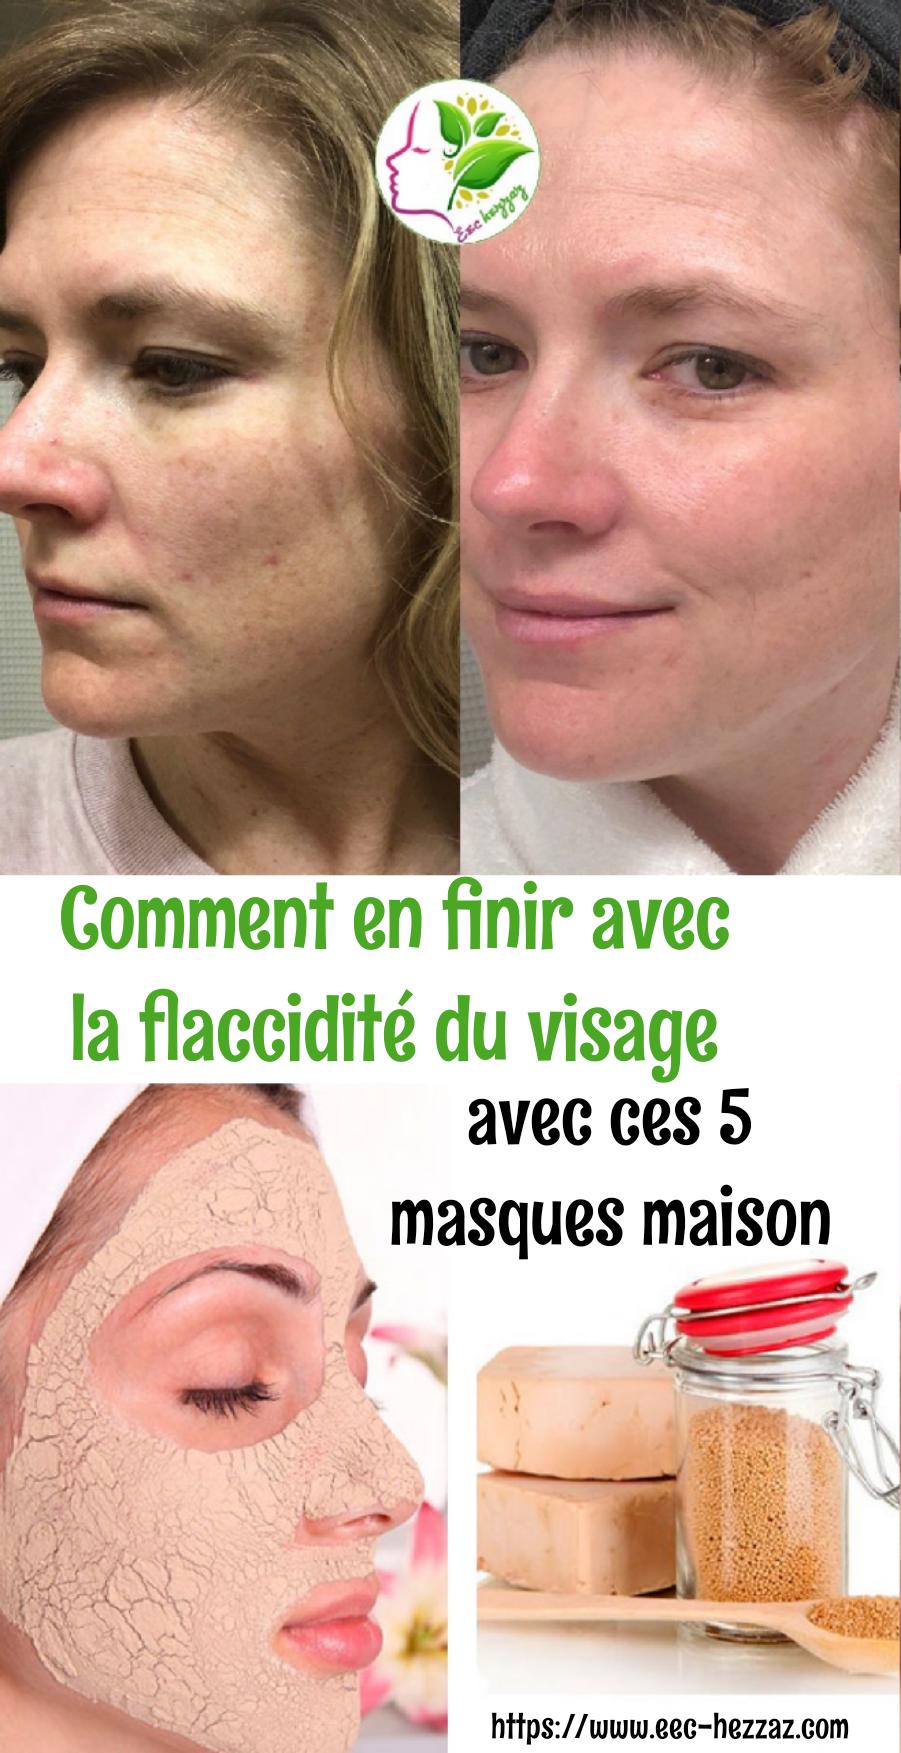 Comment en finir avec la flaccidité du visage avec ces 5 masques maison